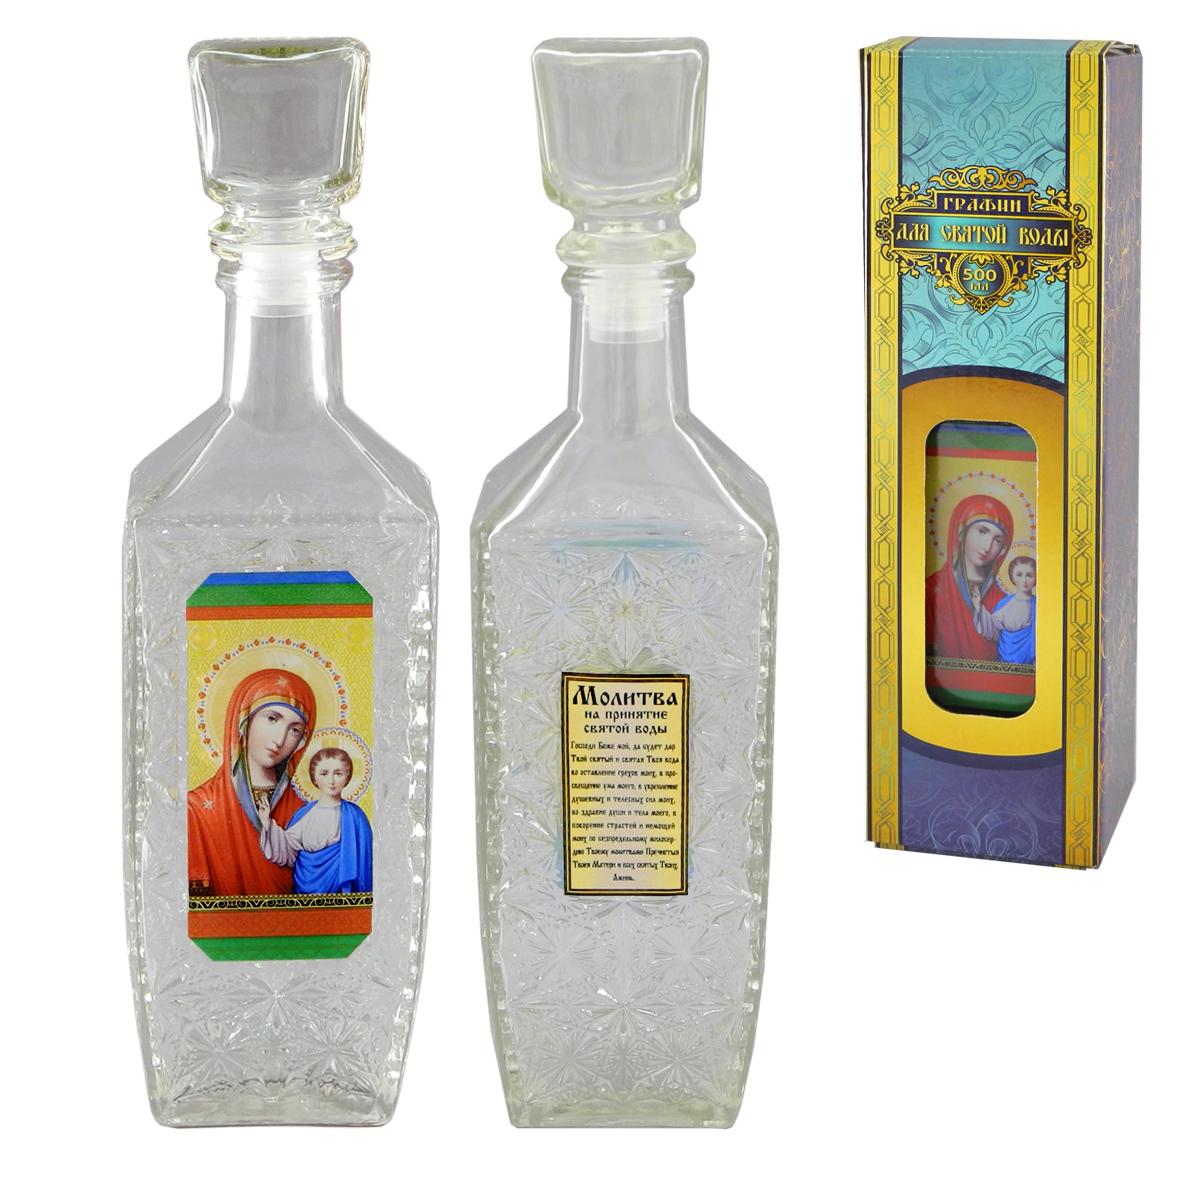 Сосуд для cвятой воды Казанская икона Божией Матери, 500 мл544-1533Сосуд для святой воды Kwestor Казанская икона Божией Матери изготовлен из стекла. На передней стенке сосуда изображена Казанская икона Божией Матери, на задней - молитва на принятие святой воды. Стенки сосуда имеют рельефную поверхность. Сосуд закрывается стеклянной пробкой.